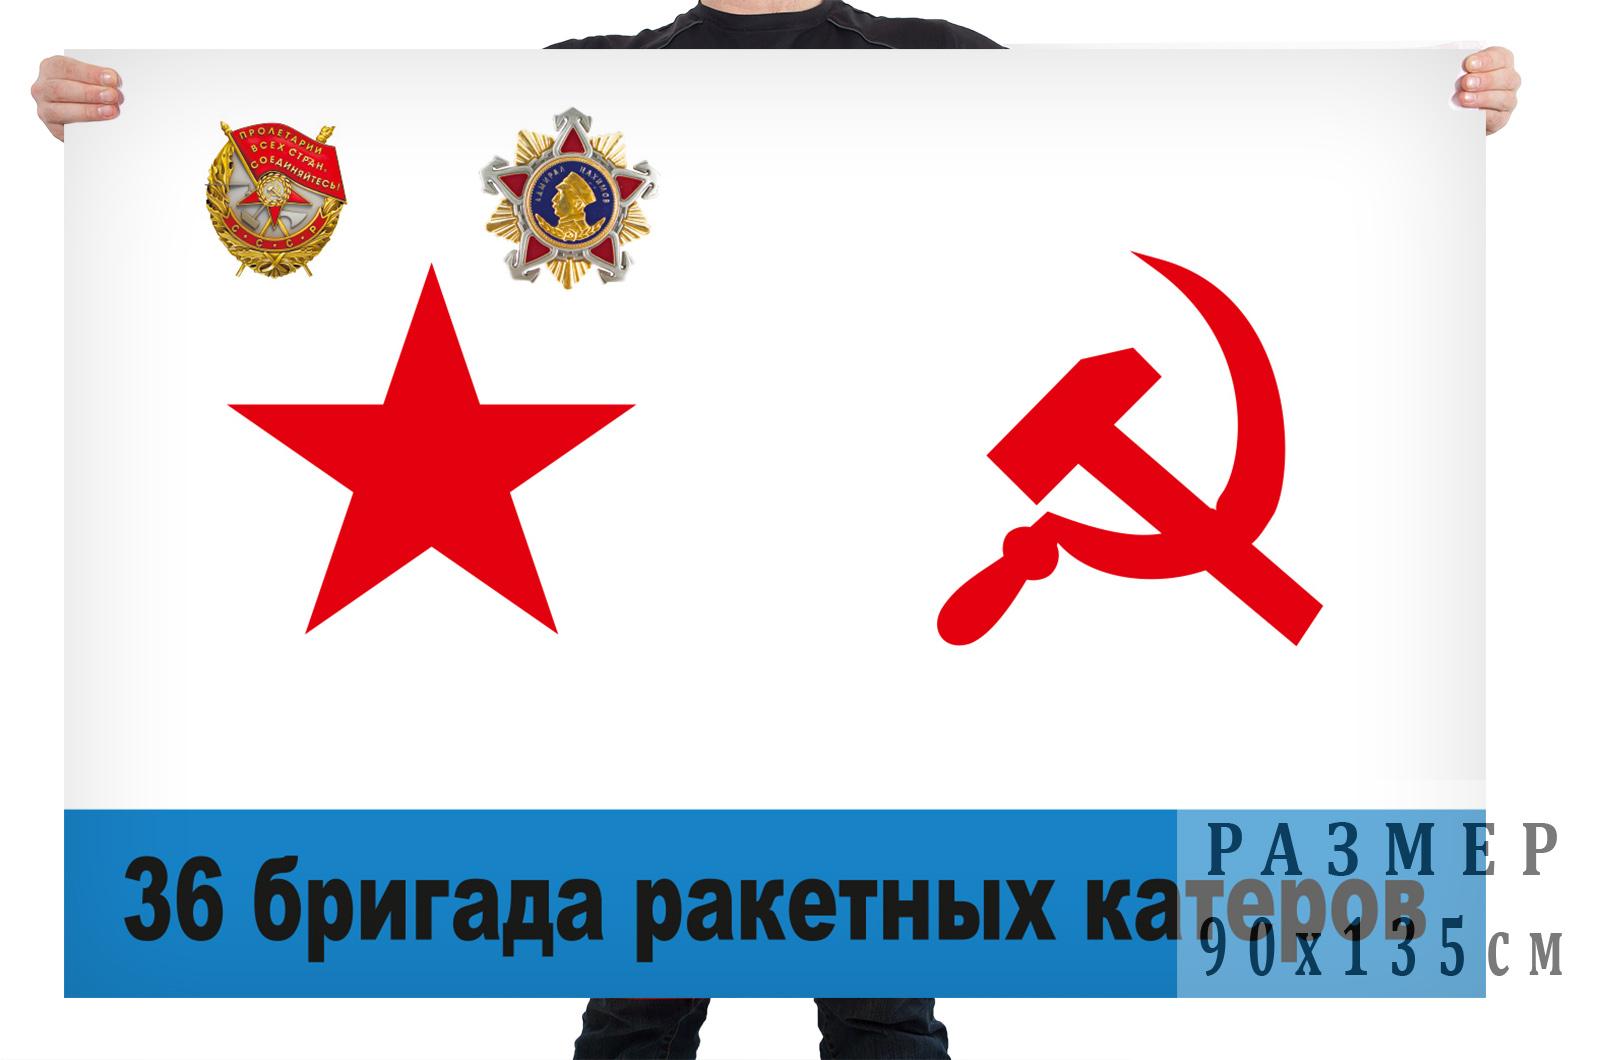 Флаг «36 бригада ракетных катеров» ВМФ СССР